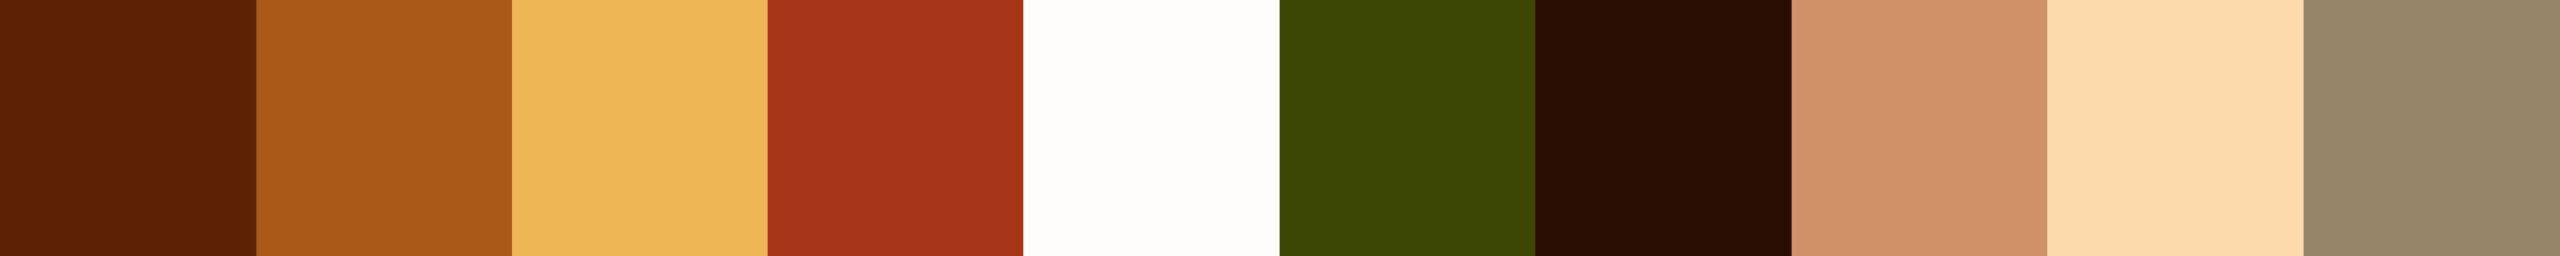 185 Elabiona Color Palette